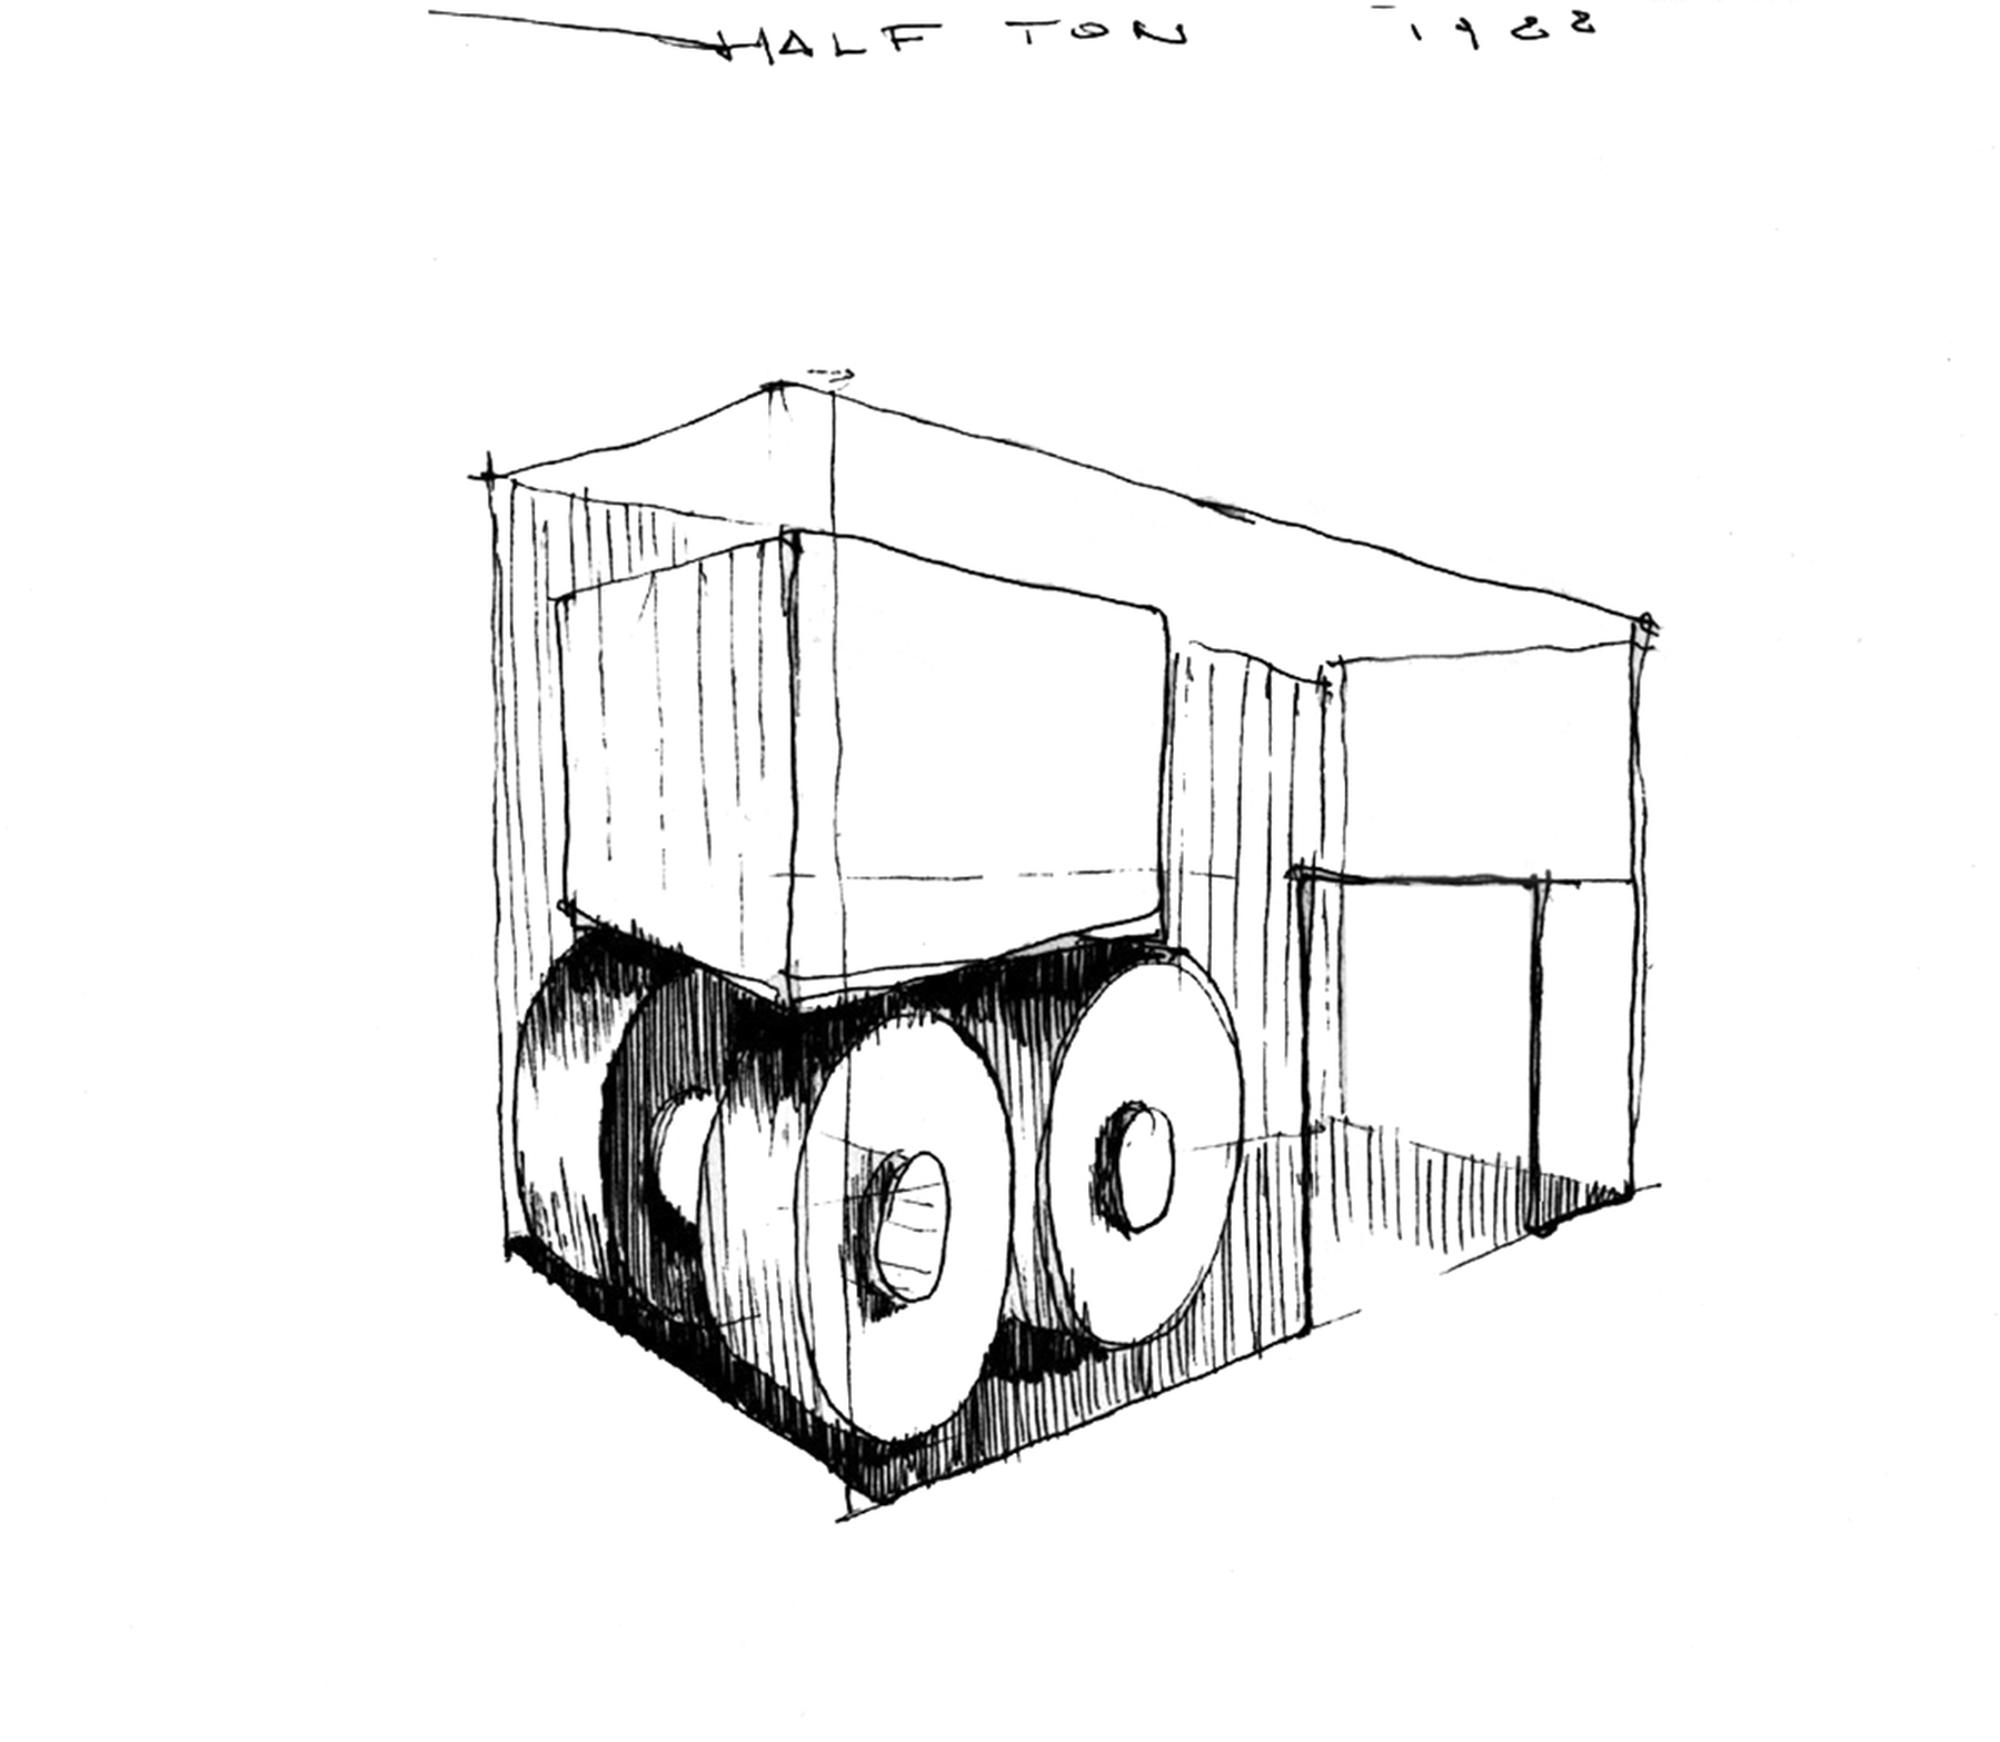 Progetto per Half Ton, Schizzo progettuale per installazione Studio Marconi 17, Milano